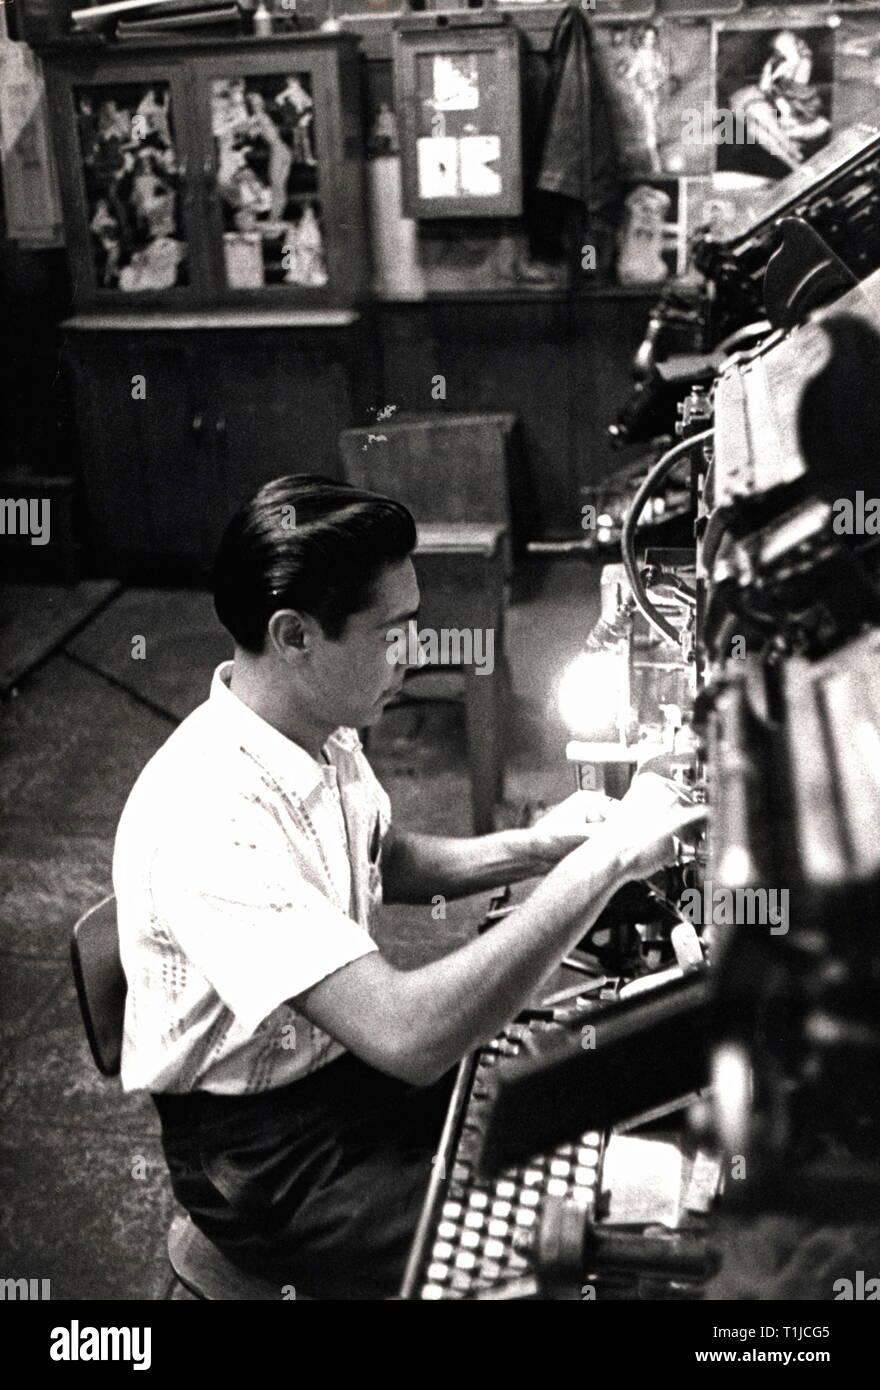 Technics, tipografia, funzionante a una macchina di composizione tipografica in un negozio di stampa, Repubblica federale di Germania degli anni cinquanta, Additional-Rights-Clearance-Info-Not-Available Immagini Stock